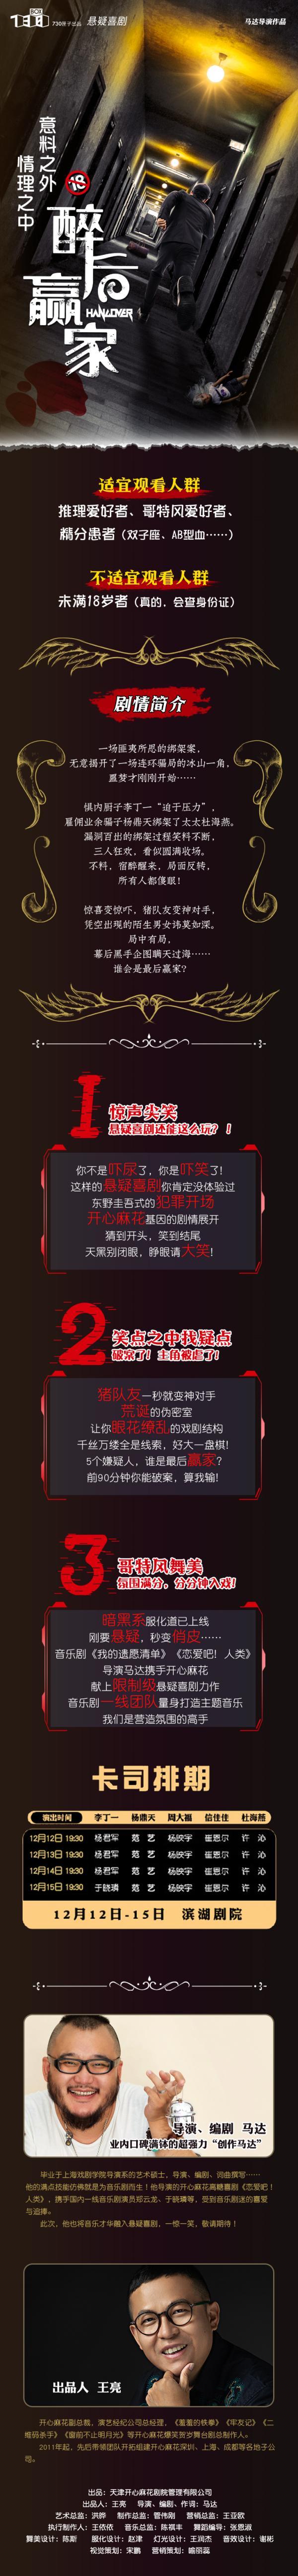 【天津站】开心麻花首部悬疑惊悚喜剧《醉后赢家》